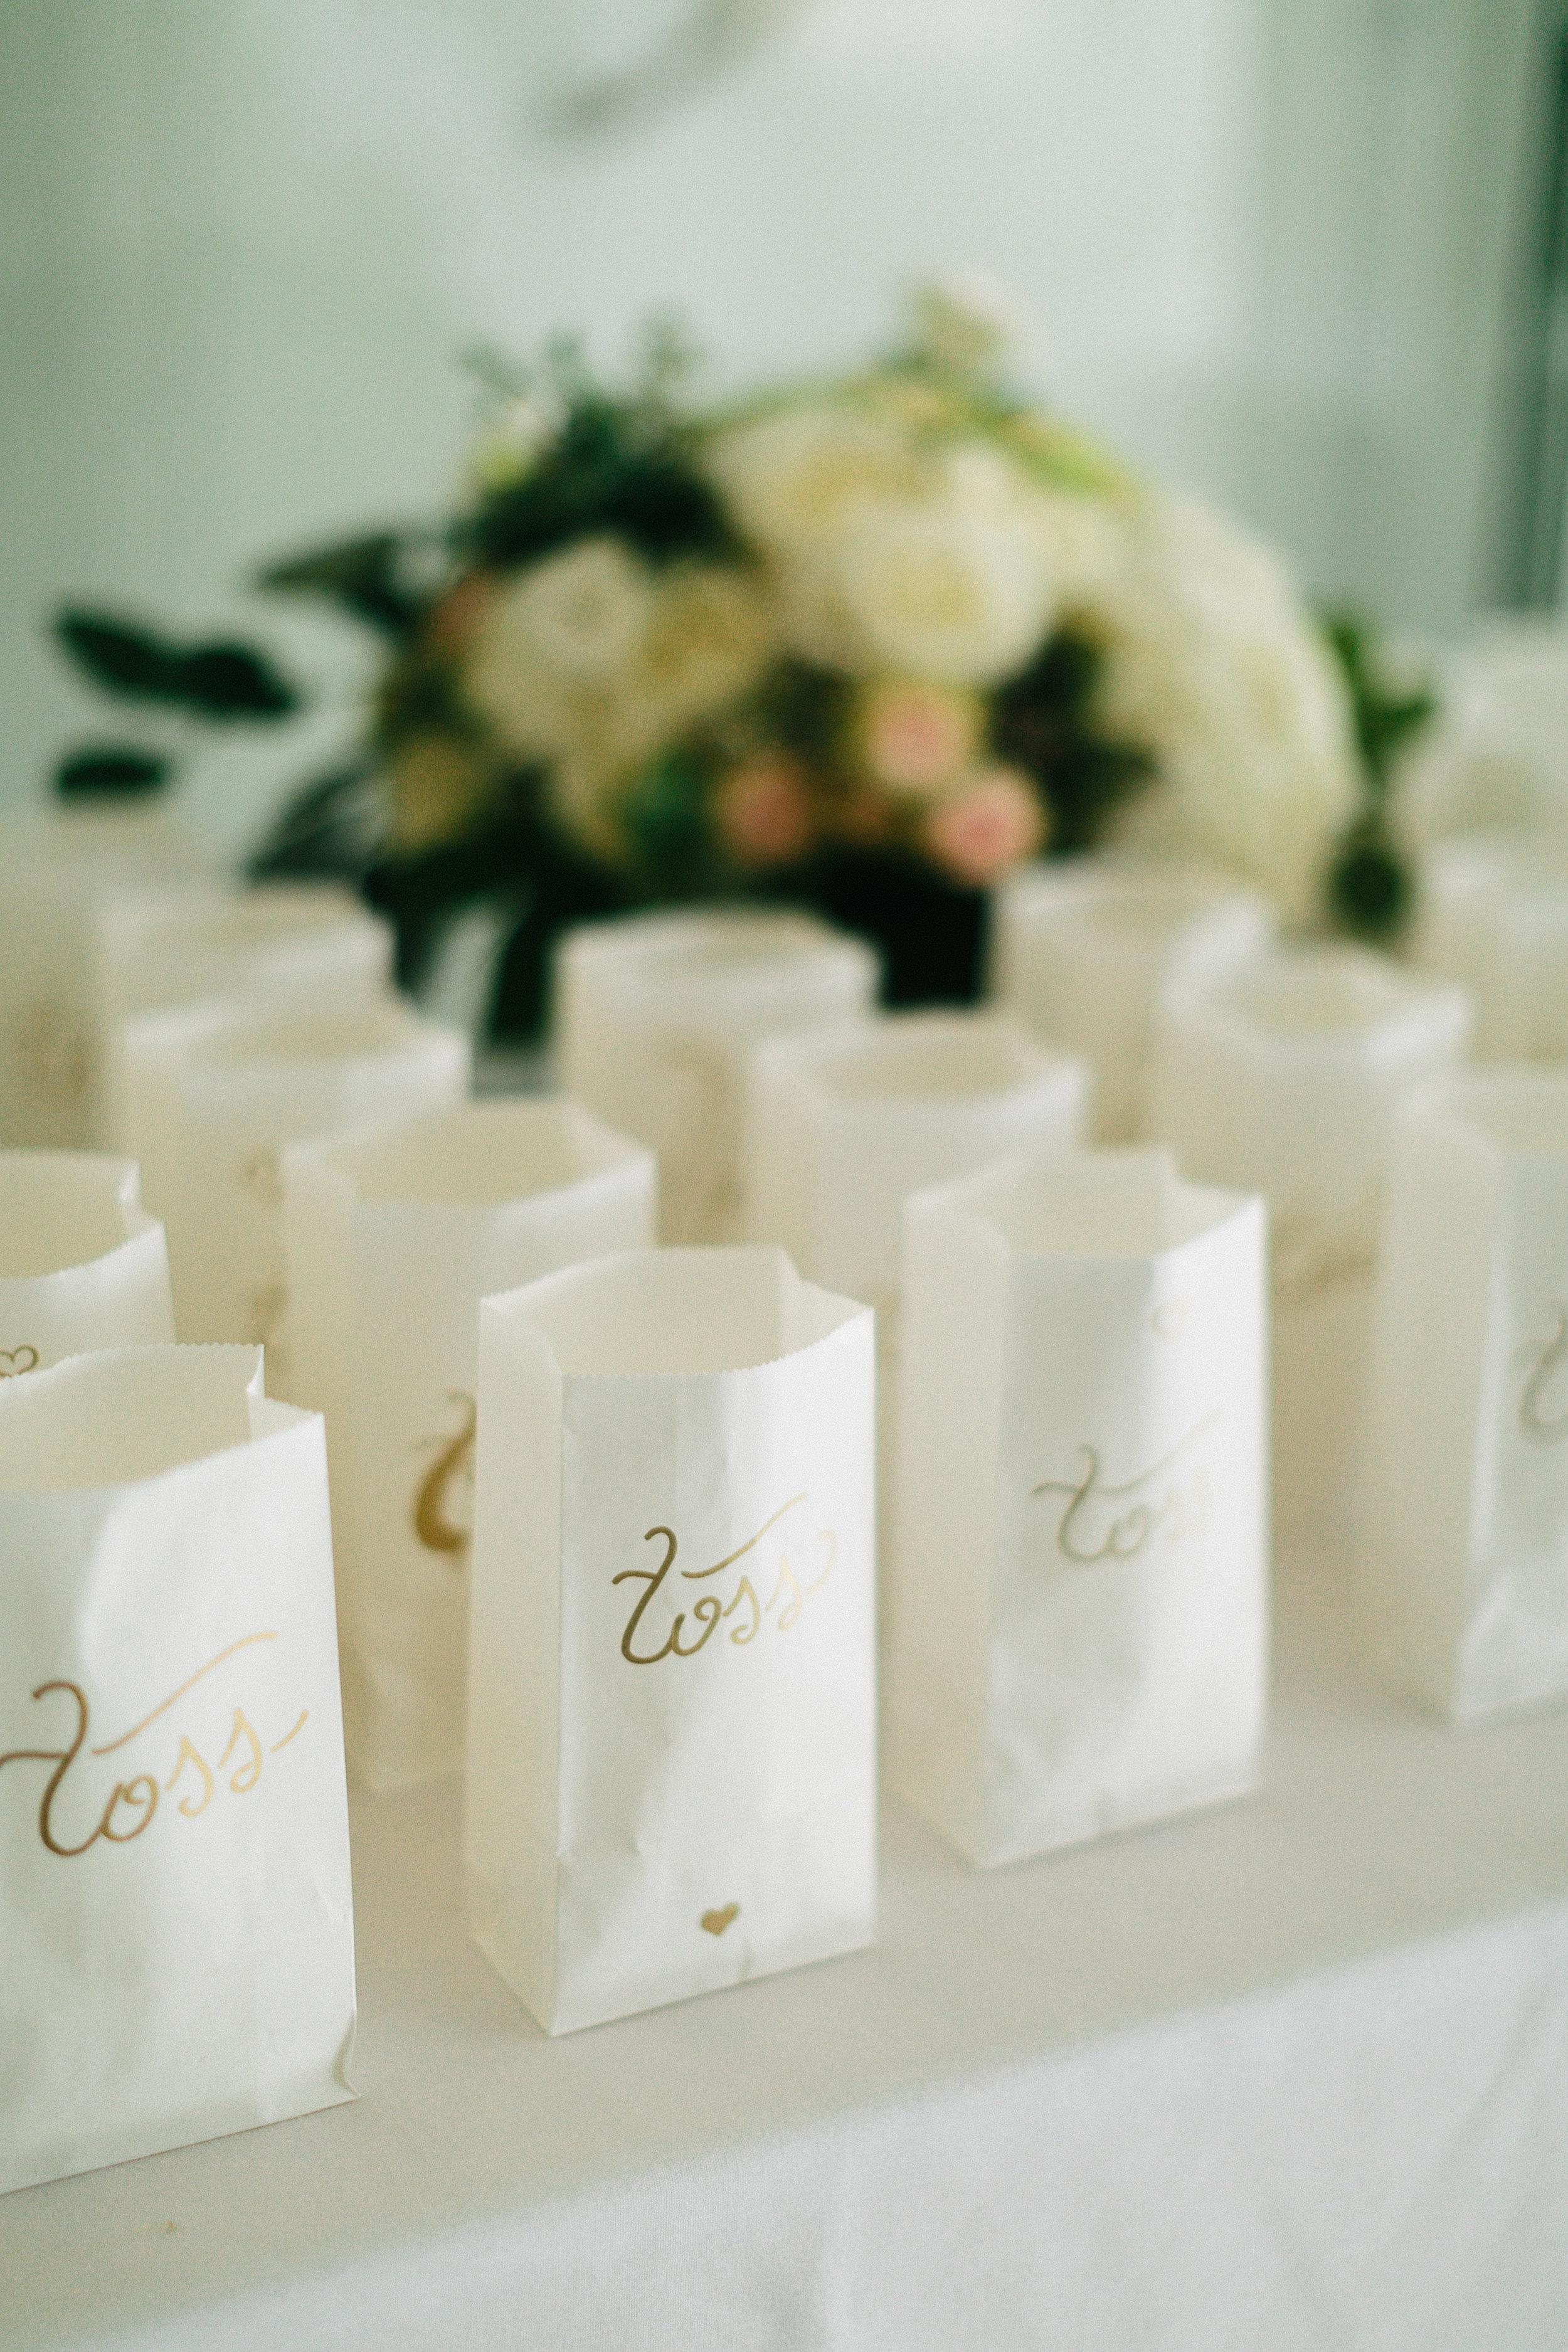 Studio 450 Wedding, estilonyc.com